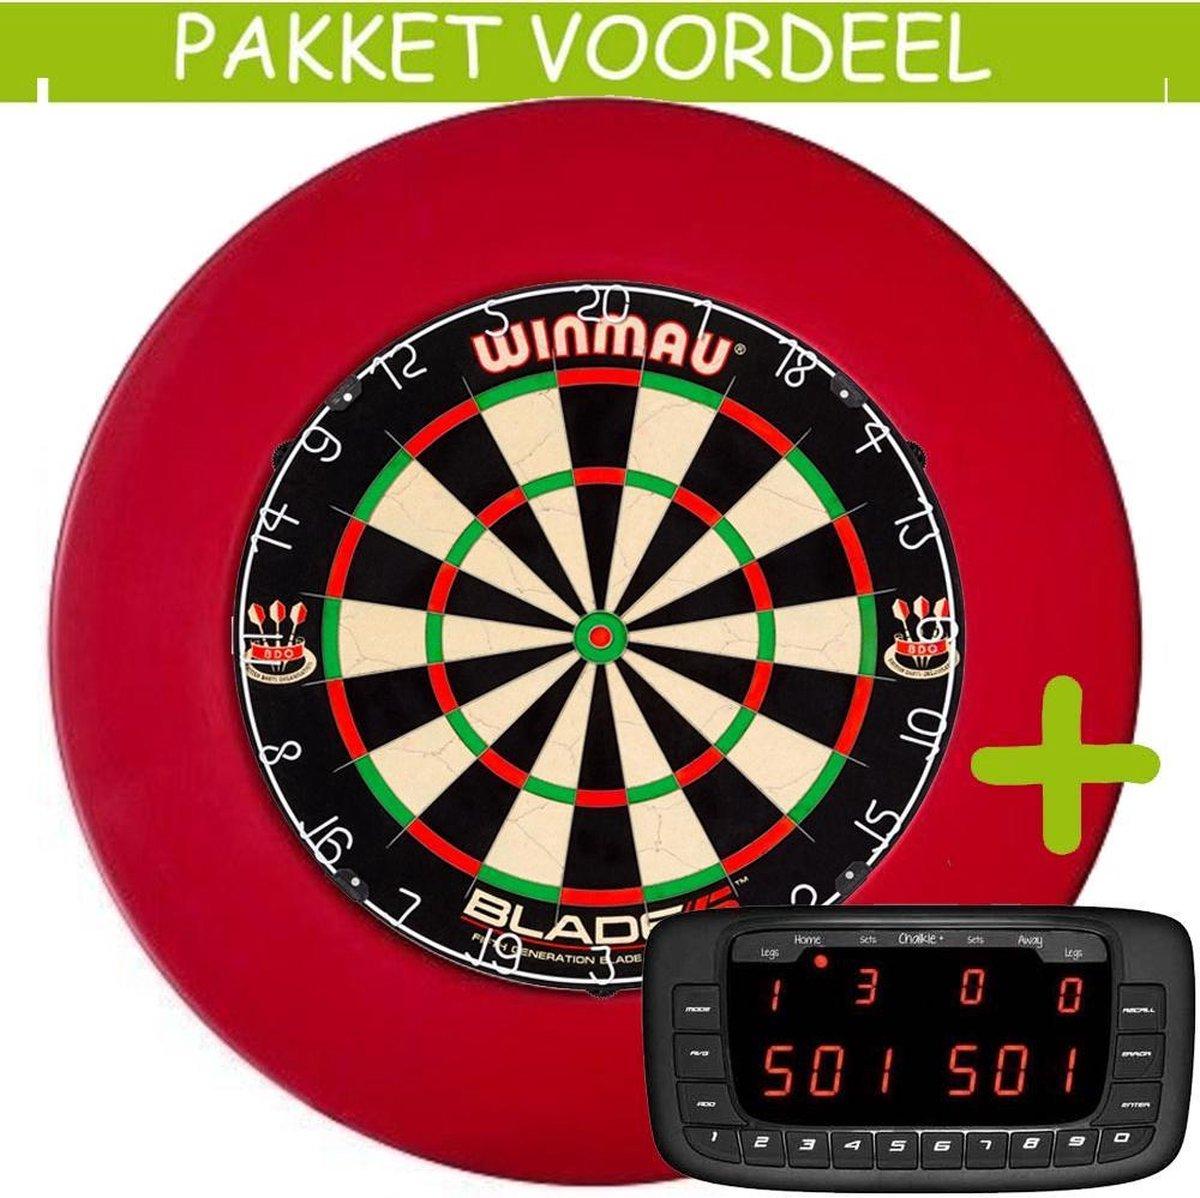 Elektronisch Dart Scorebord VoordeelPakket (Chalkie + ) - Blade 5 - Rubberen Surround (Rood)